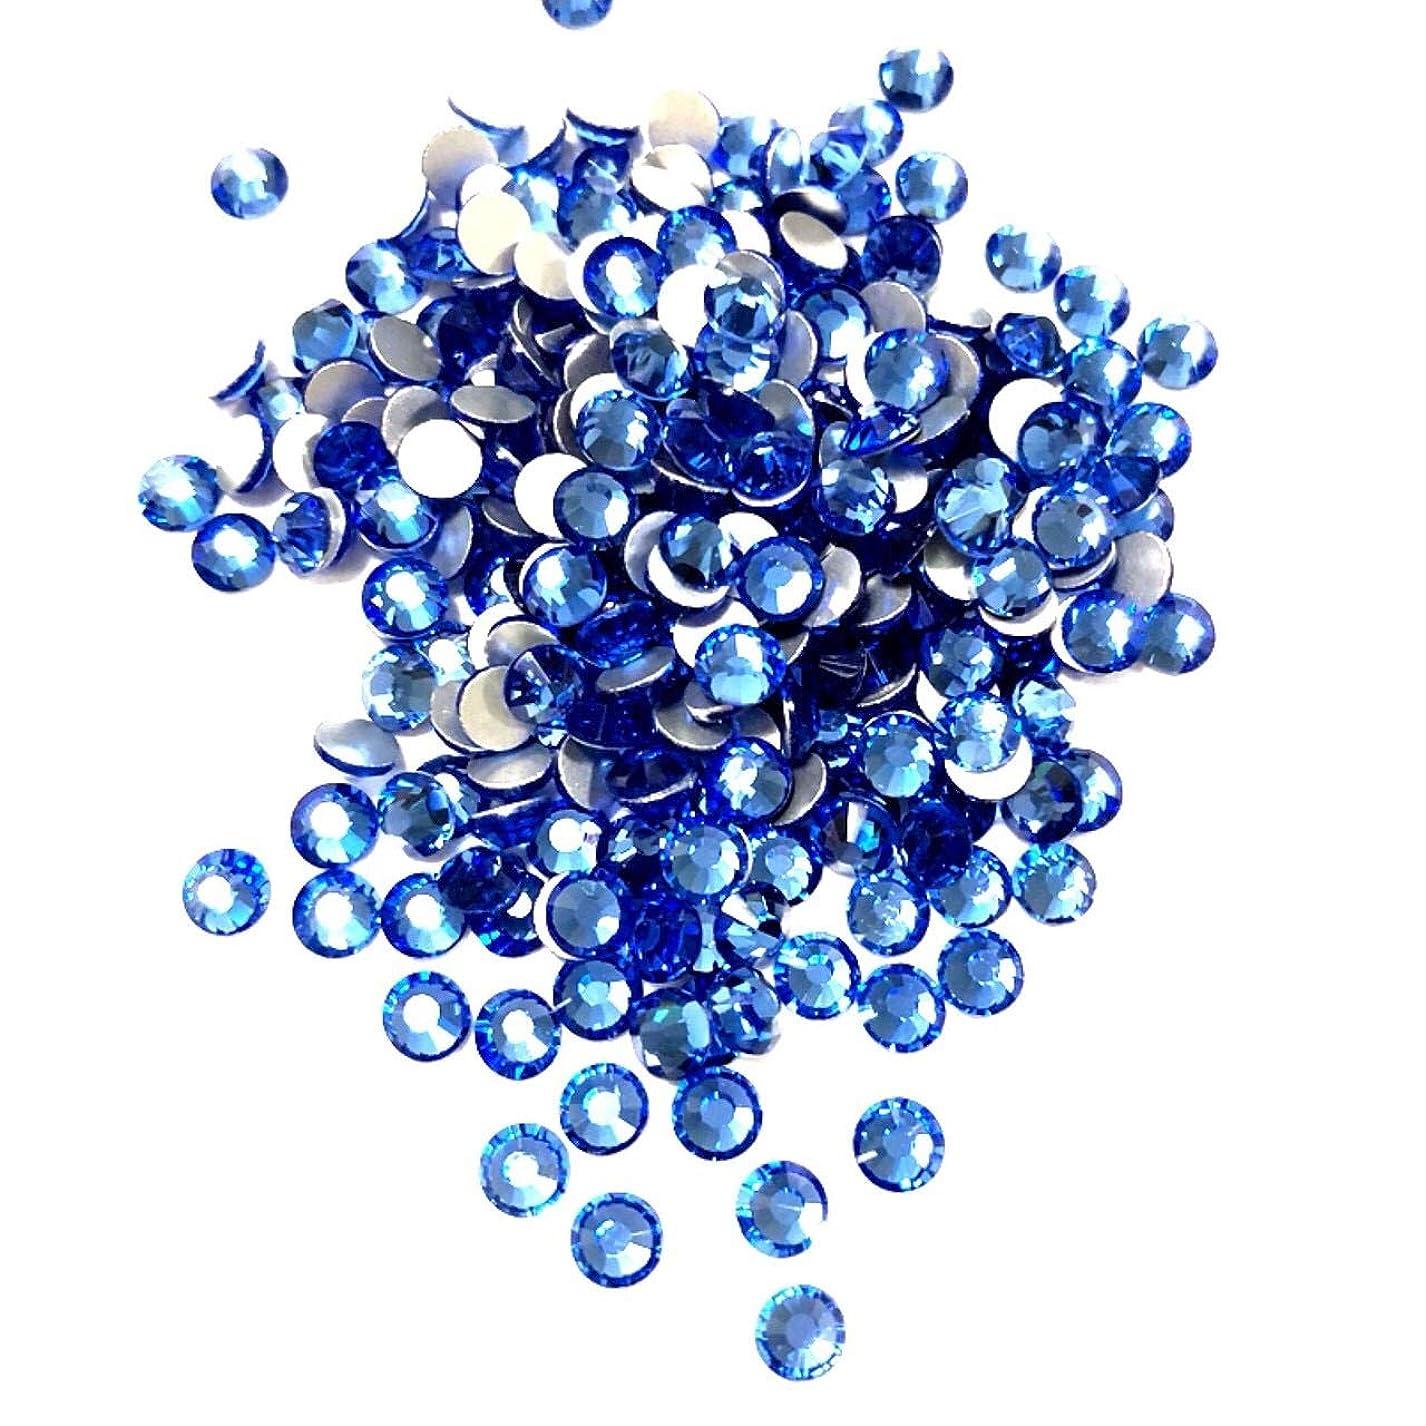 埋め込む羨望キャプション【ネイルウーマン】最高品質ガラスストーン!スワロ同等の輝き! ライトサファイア ブルー 水色 (約100粒入り) (ライトサファイア) (SS16, ライトサファイア)